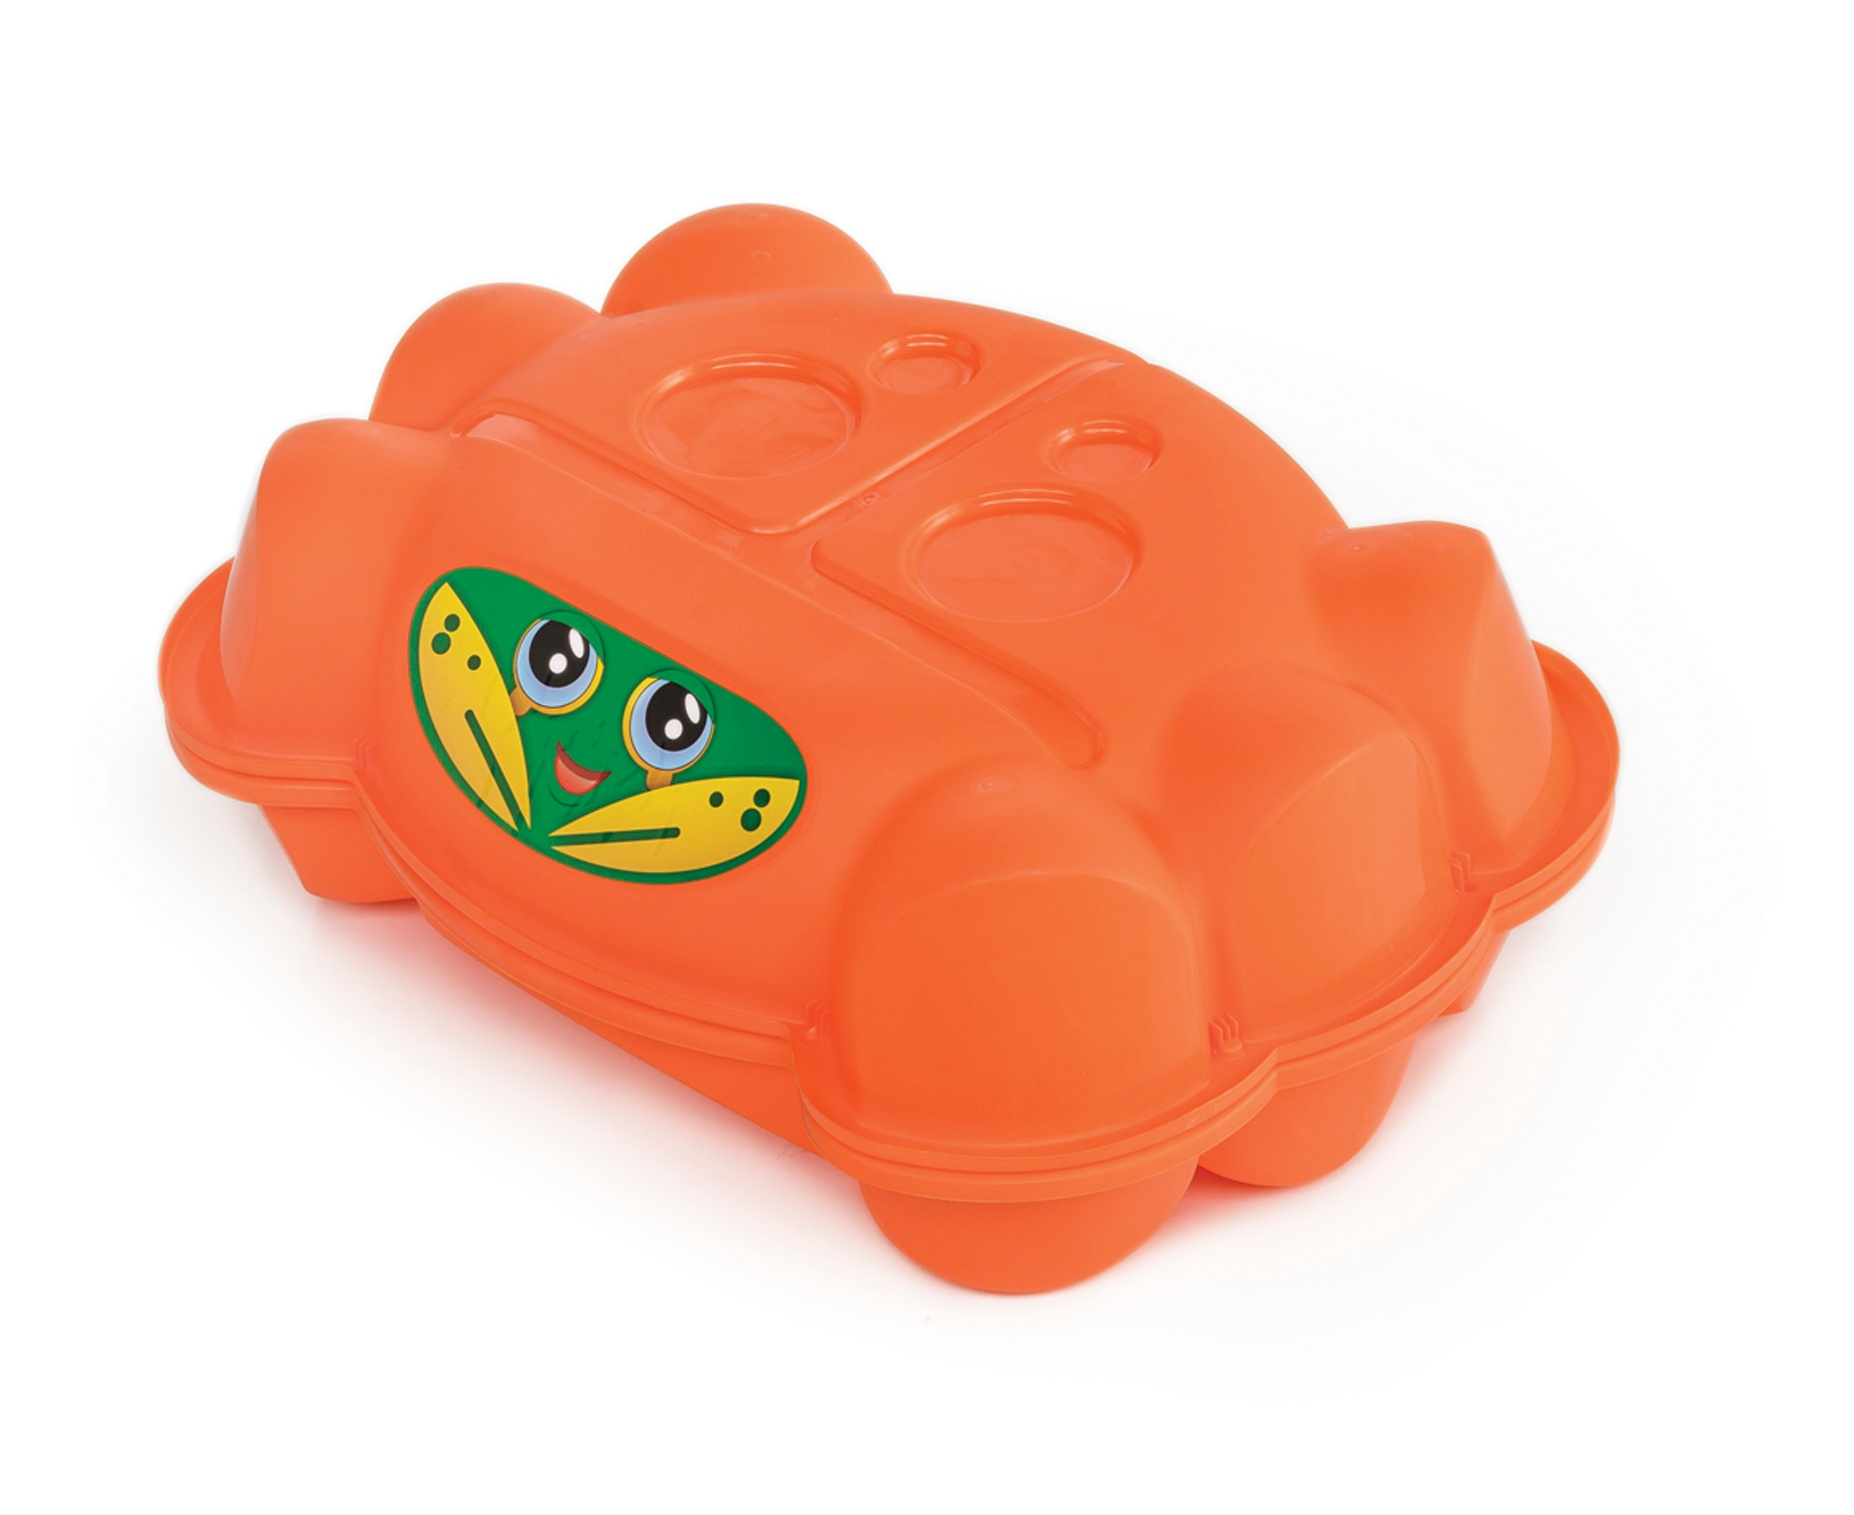 Paradiso Toys sandkastenkatze 96 x 68 cm orange 2-teilig